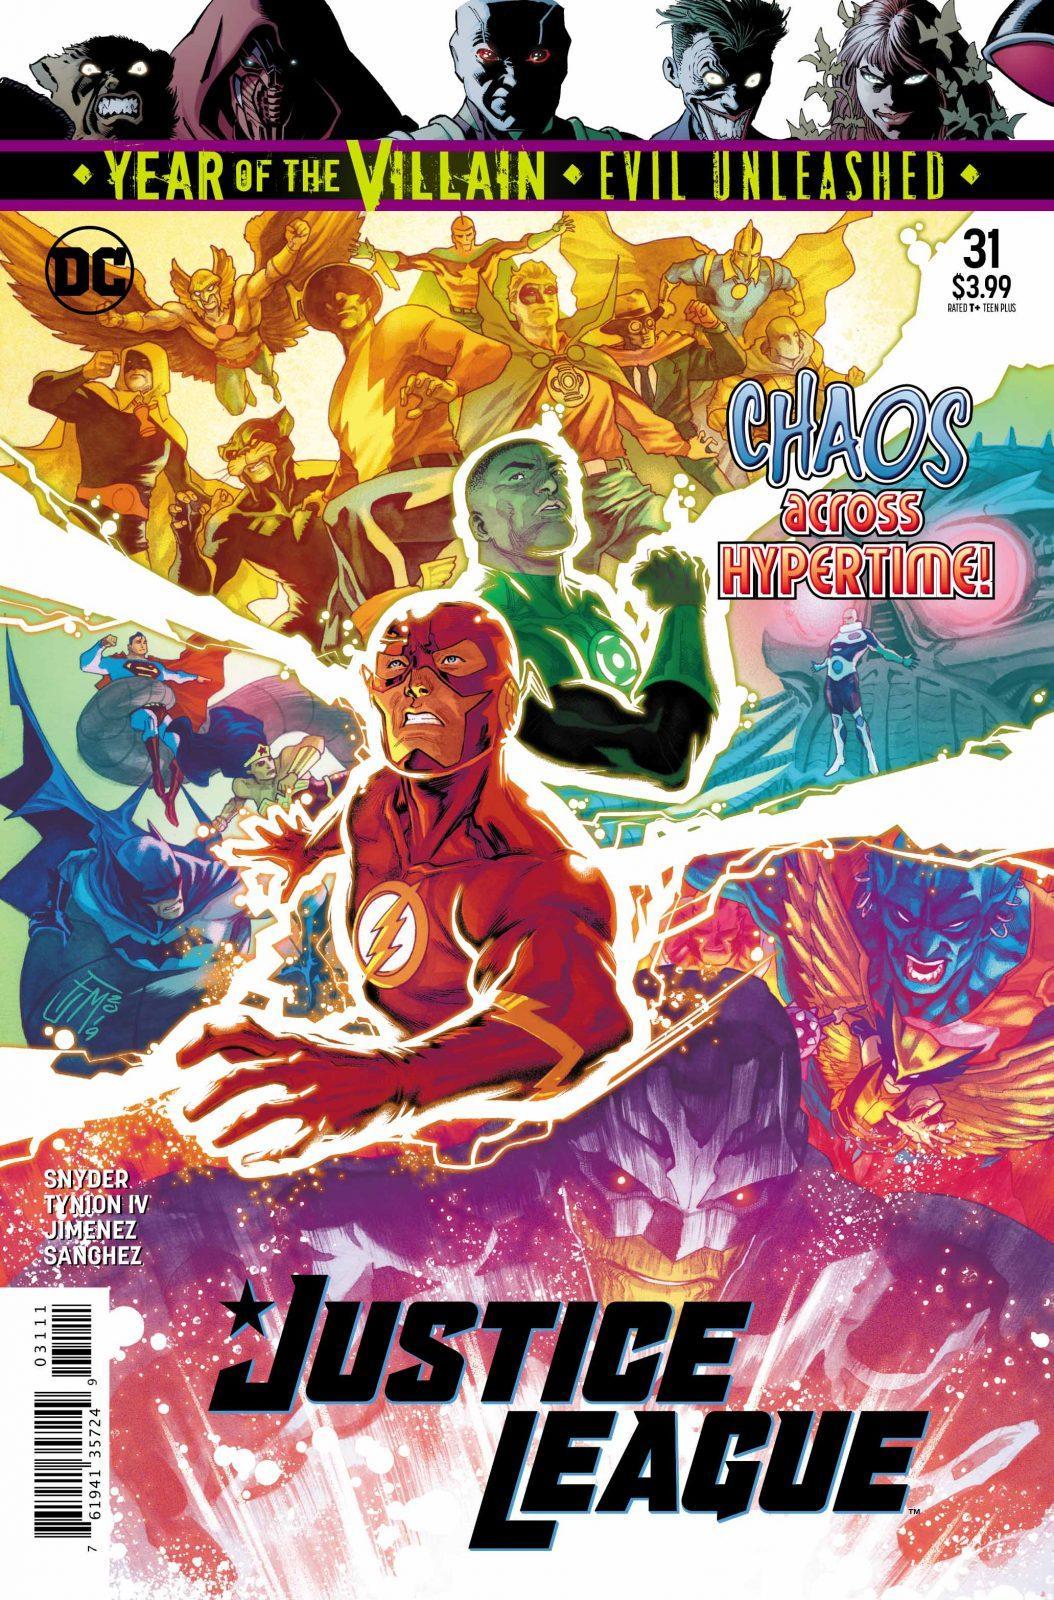 Justice League 31